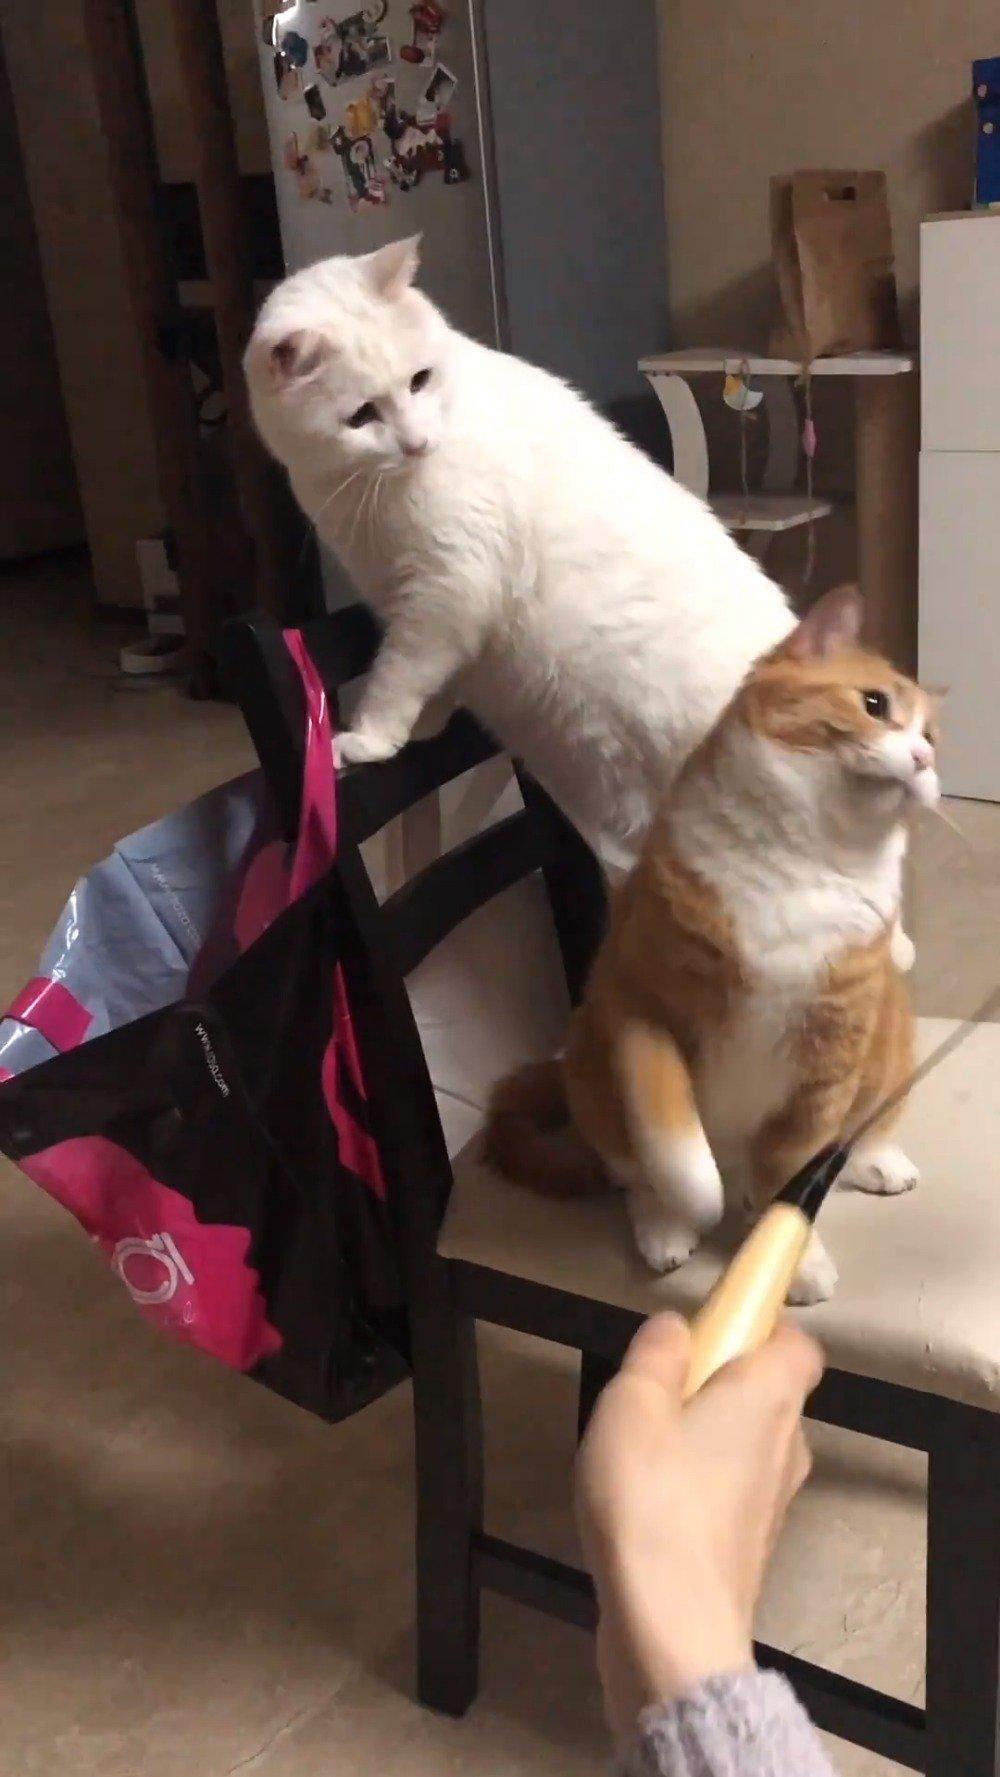 知名猫豆首度公开保持身材秘籍